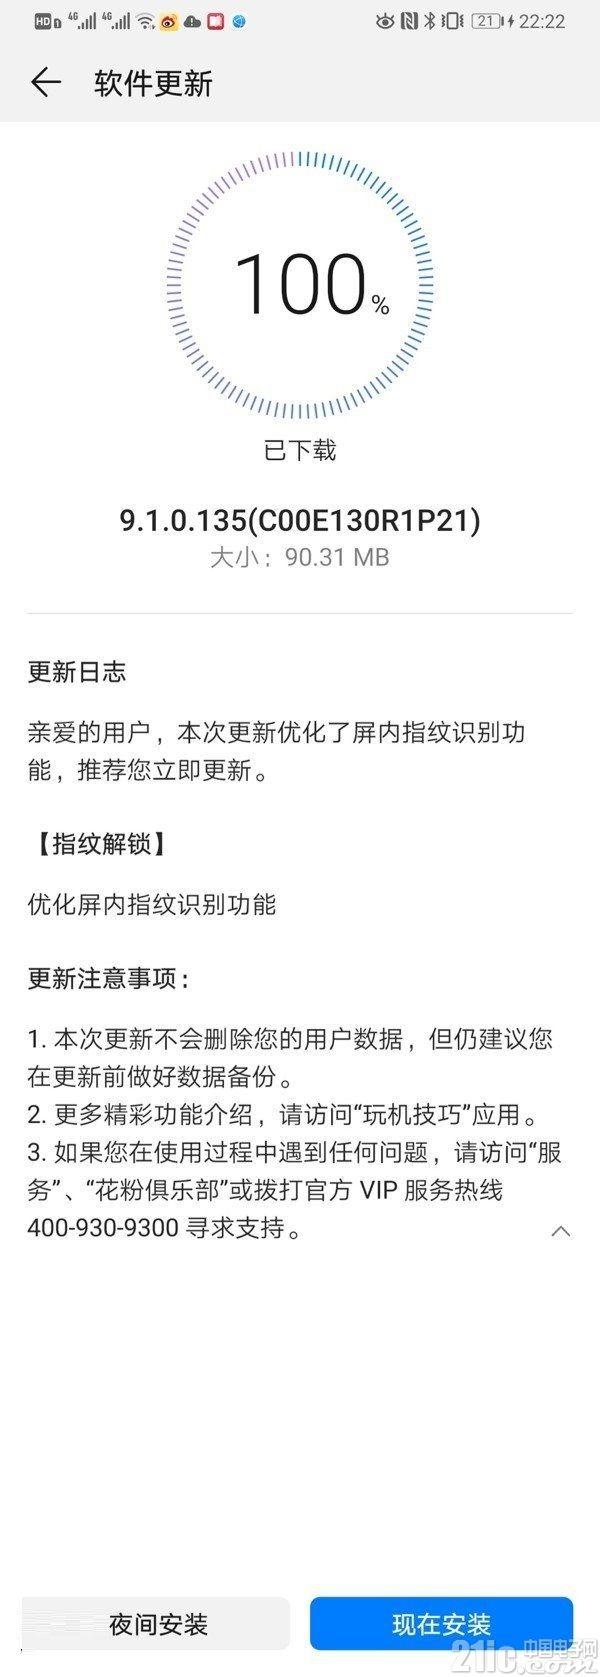 华为P30手机开始推送新版EMUI 9.1更新:优化屏内指纹识别